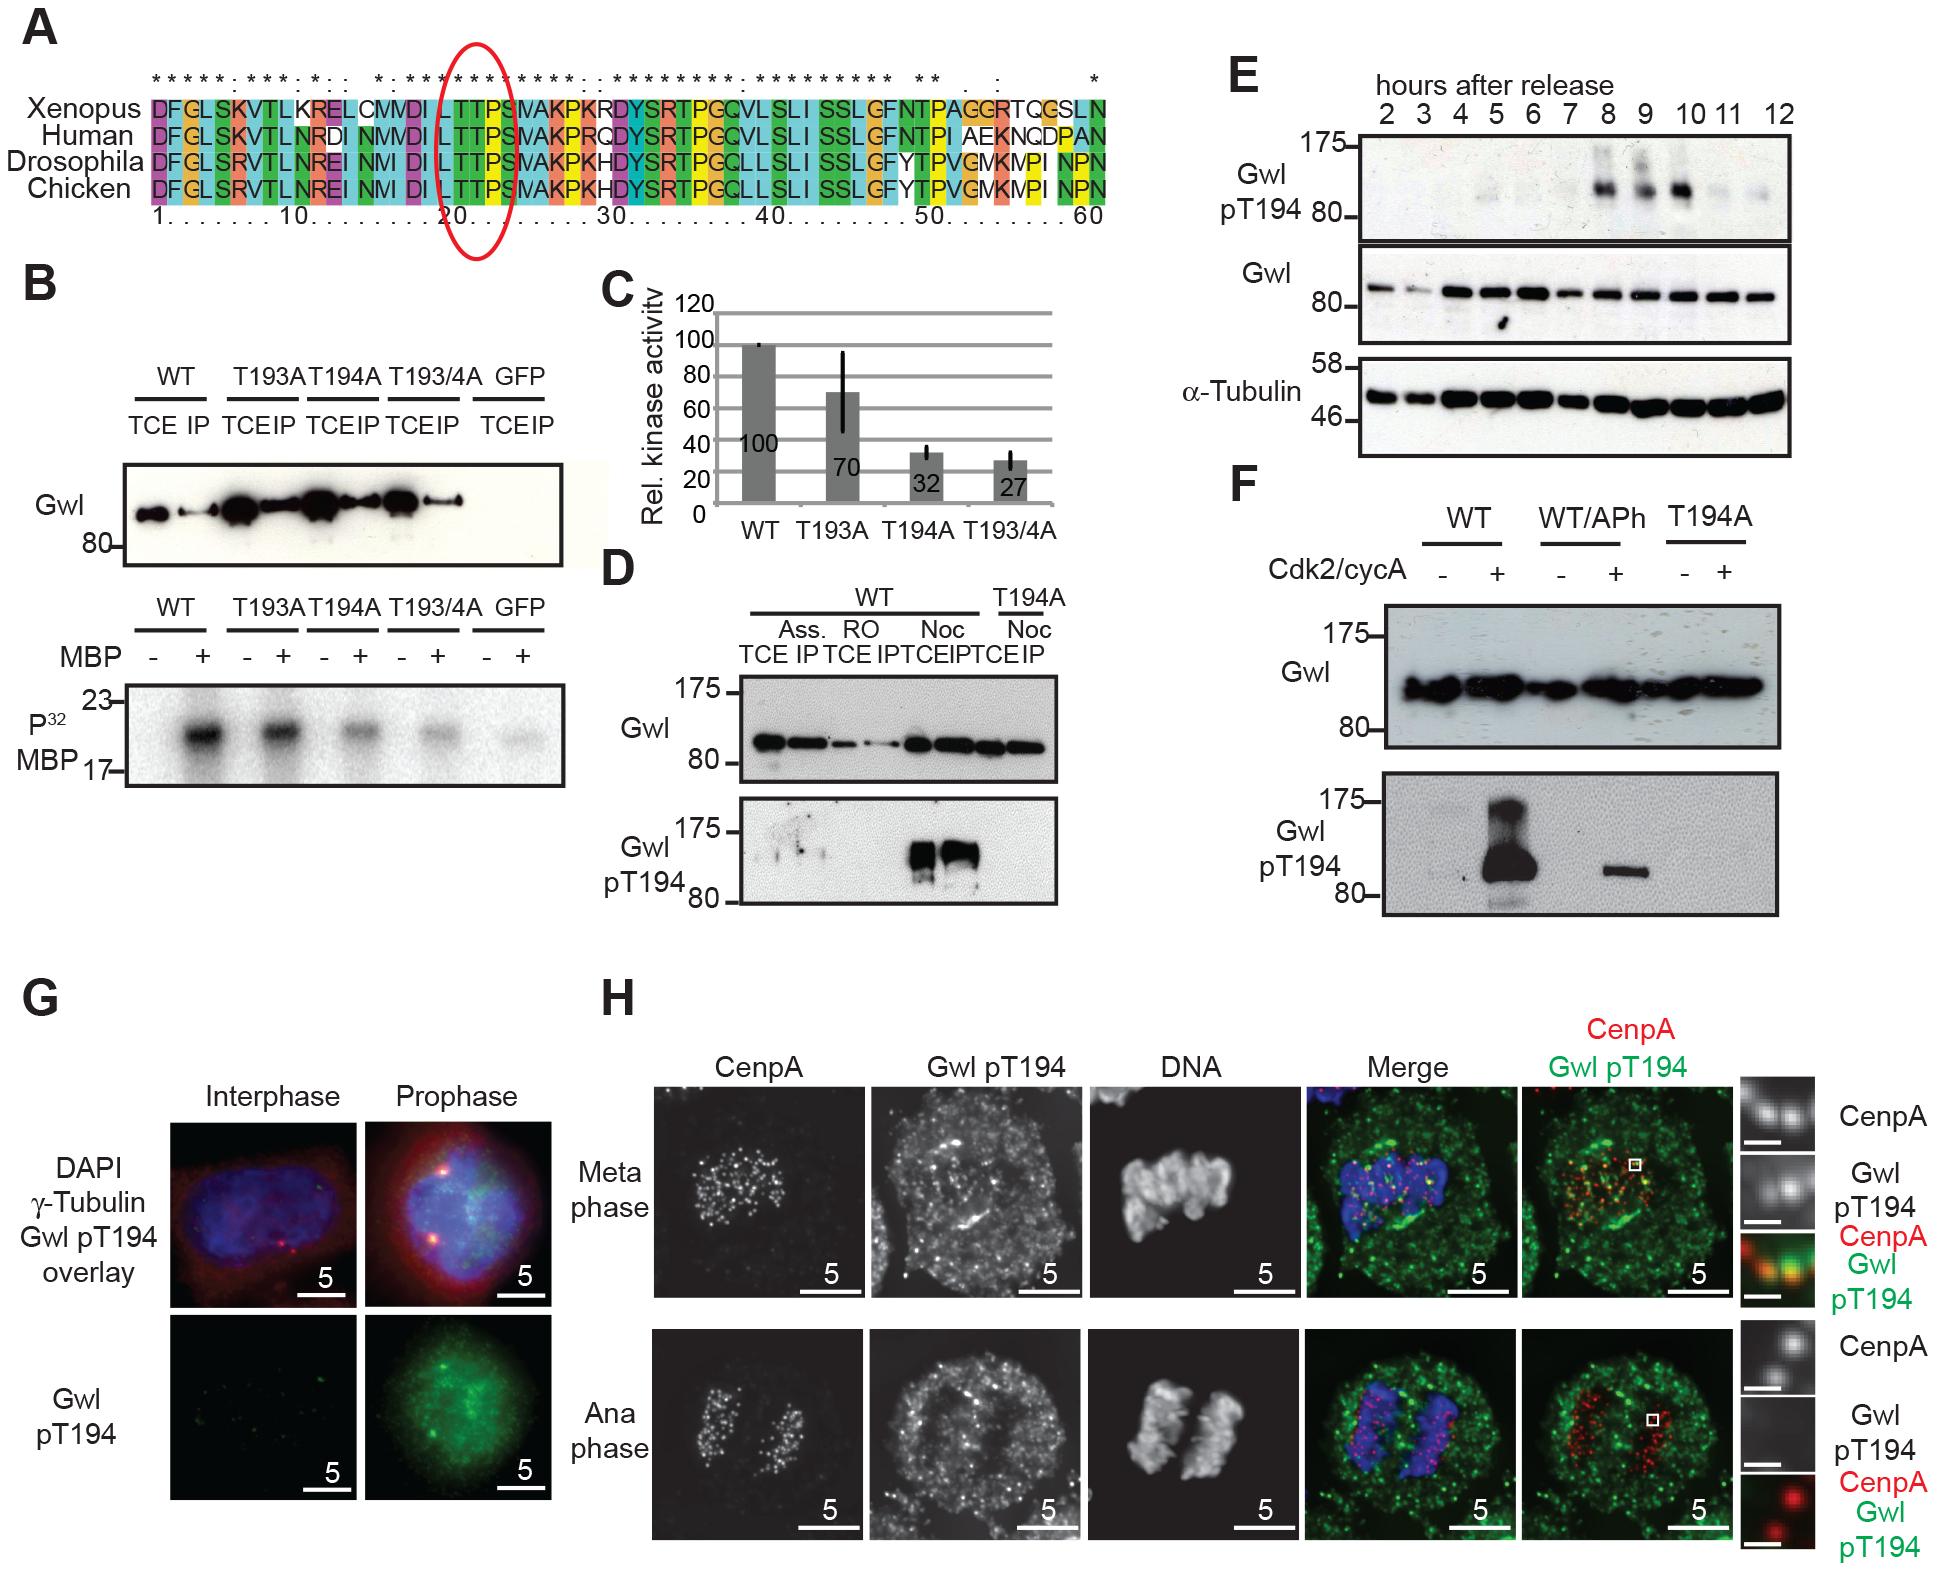 Gwl Thr194 is an essential Cdk1 phosphorylation site.